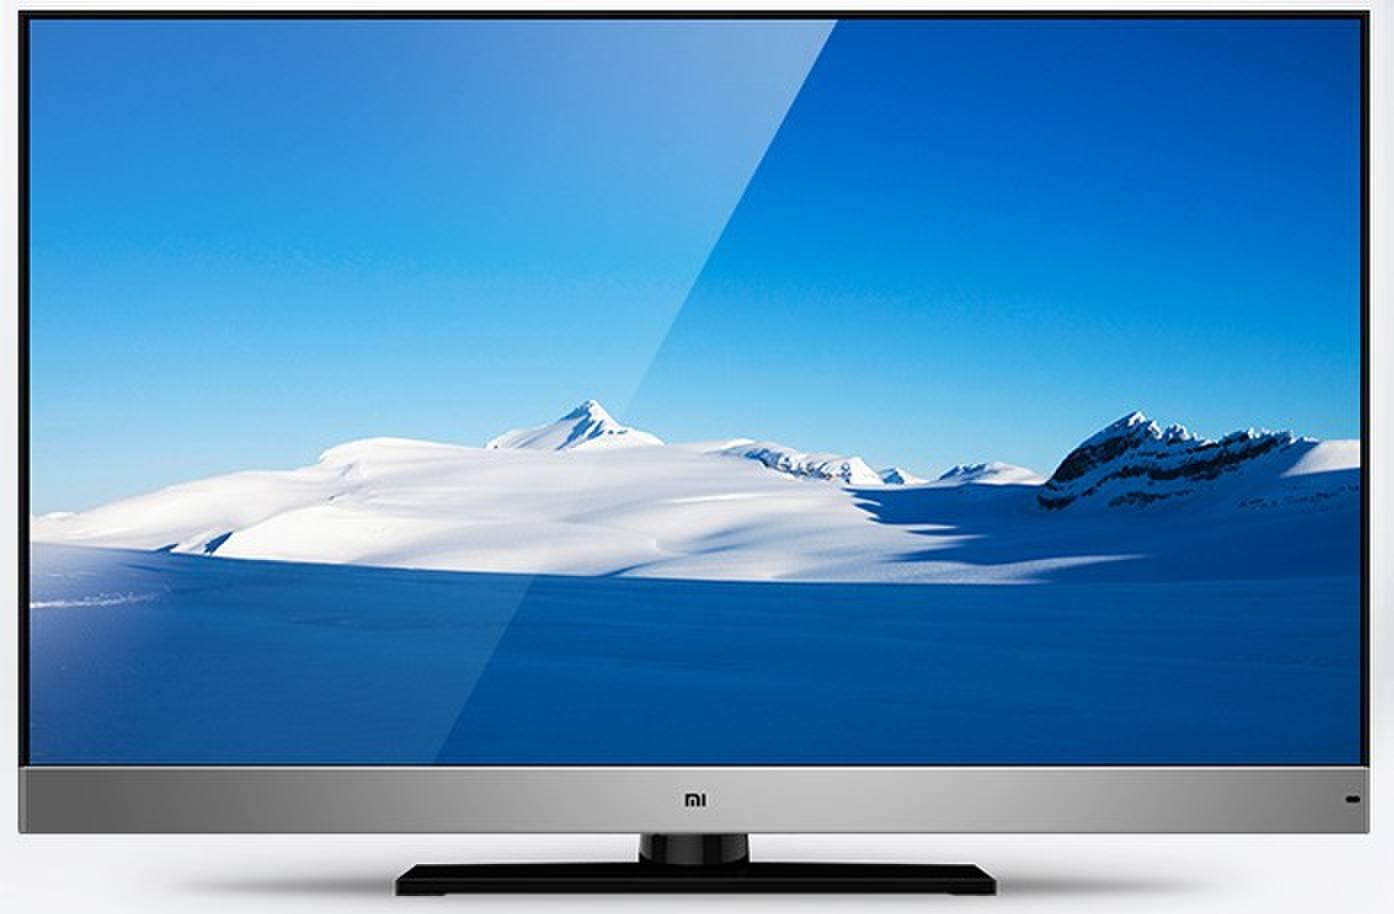 电视花屏主要什么原因?三种情况具体解析